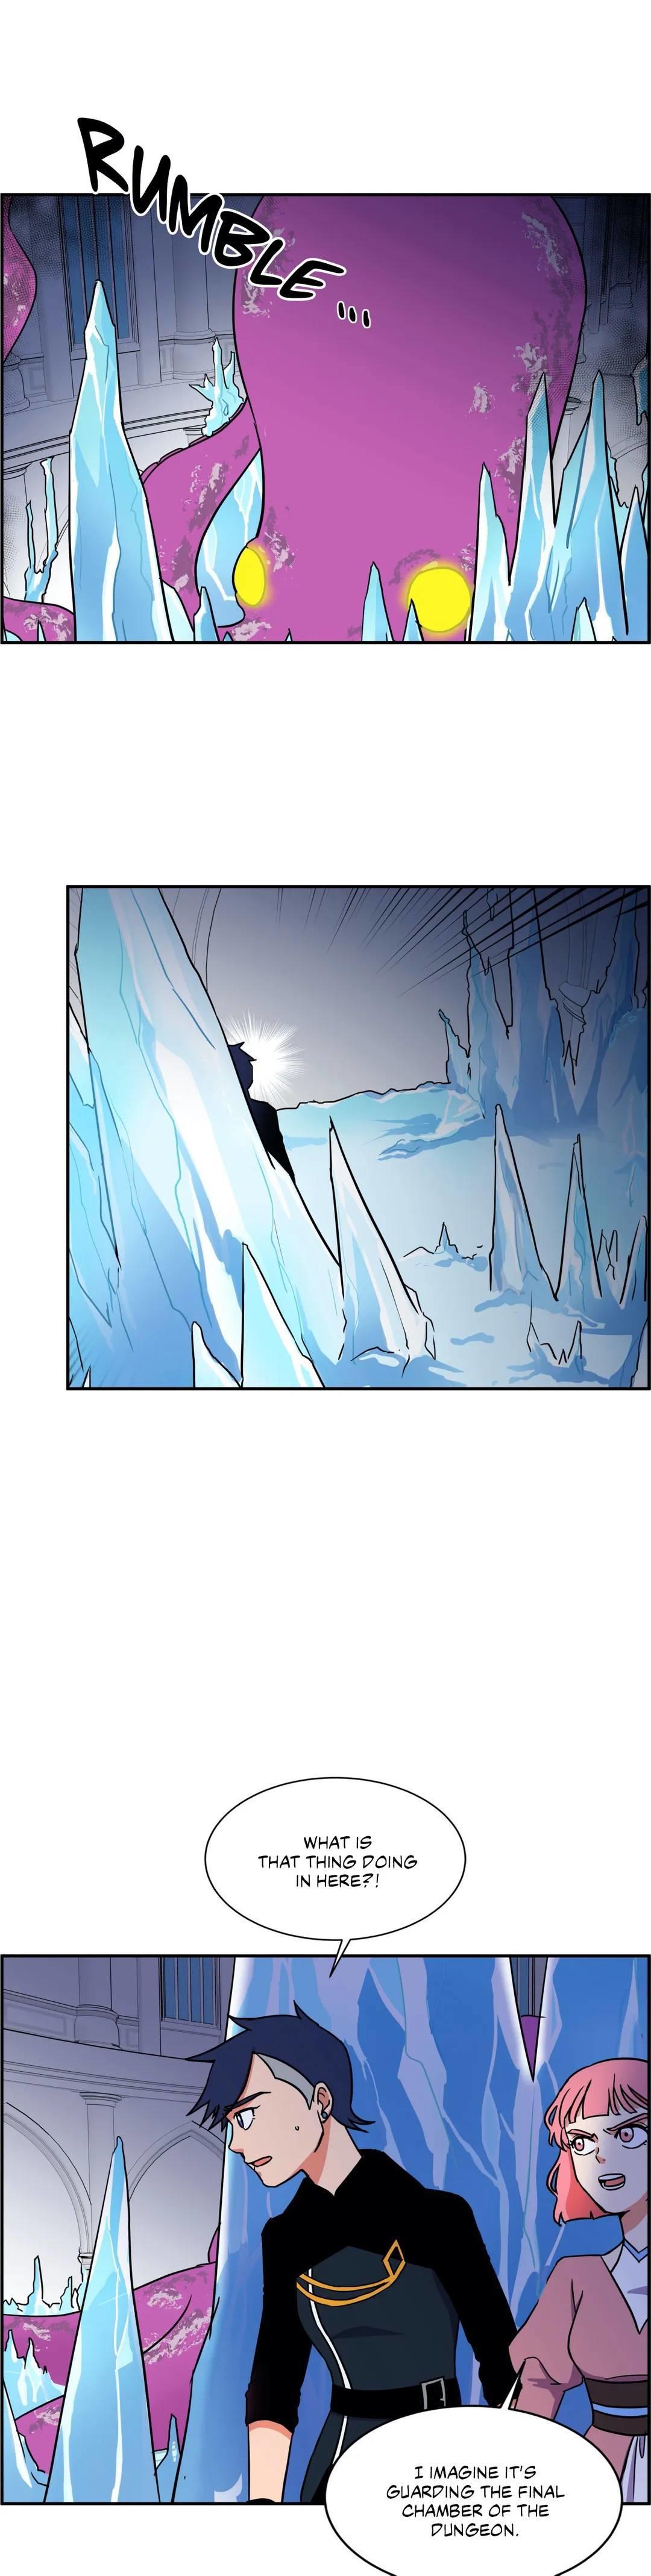 The Demon King Diaries Chapter 27 page 3 - Mangakakalots.com